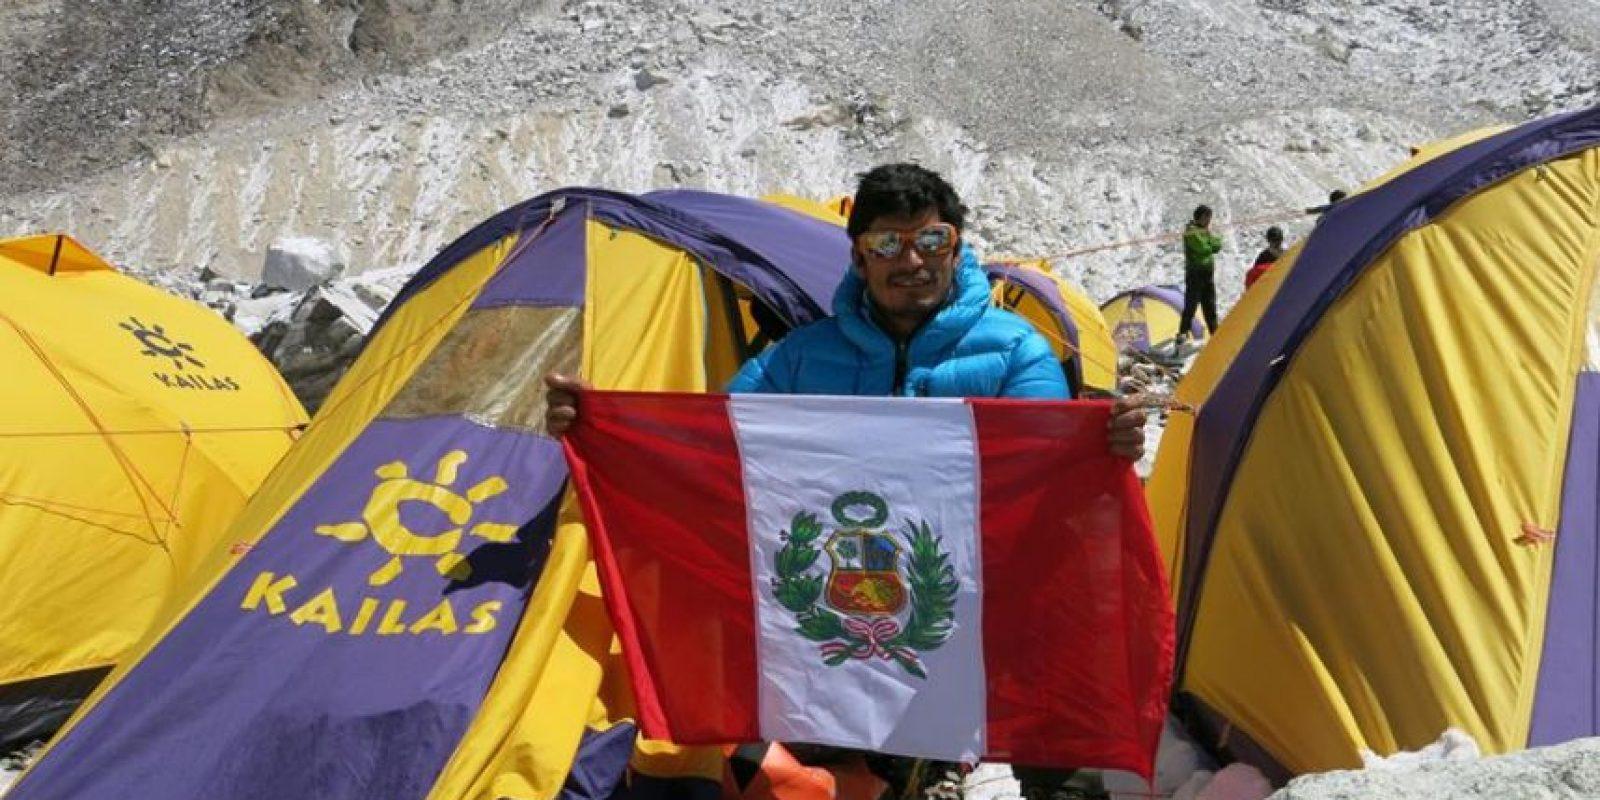 El peruano Víctor Rímac Foto:www.facebook.com/victorrimacoficial